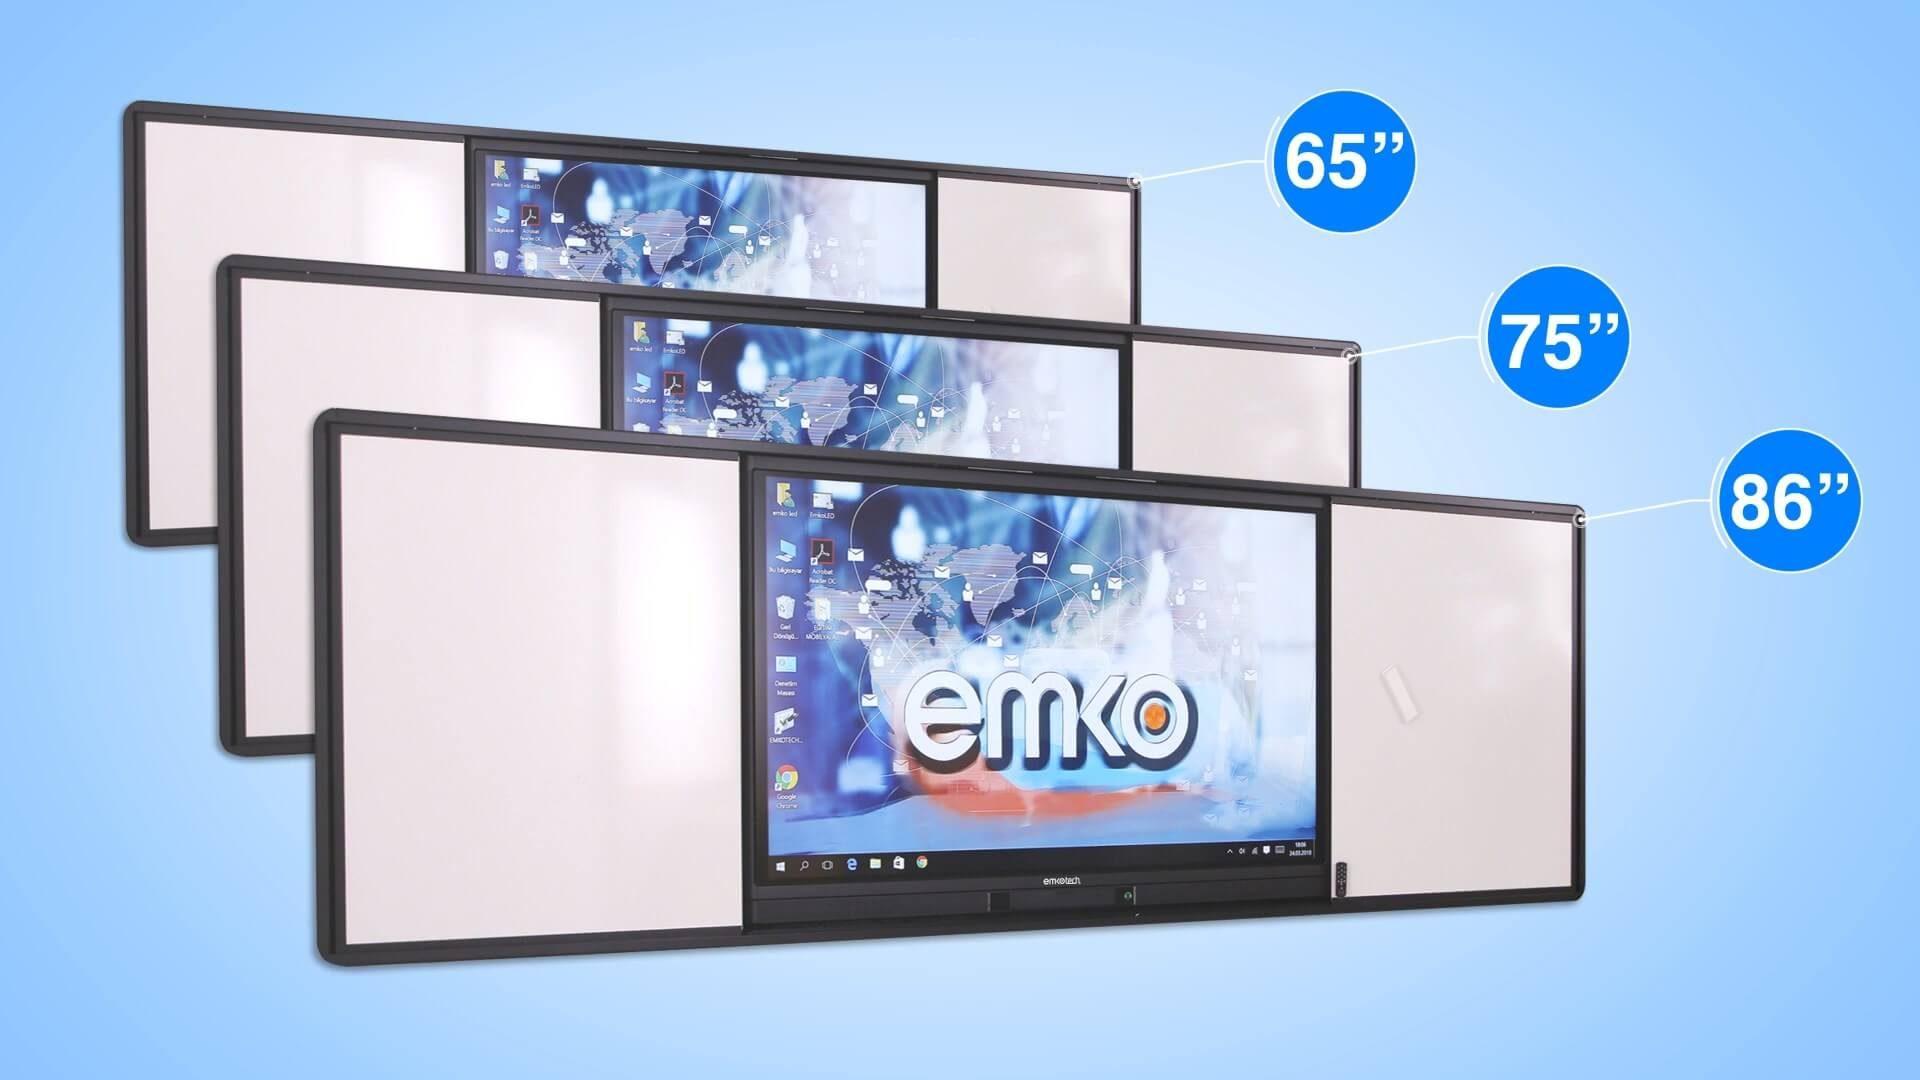 surgulu3 1920x1080 - Emkotech sürgülü ürün tanıtım çalışmamız